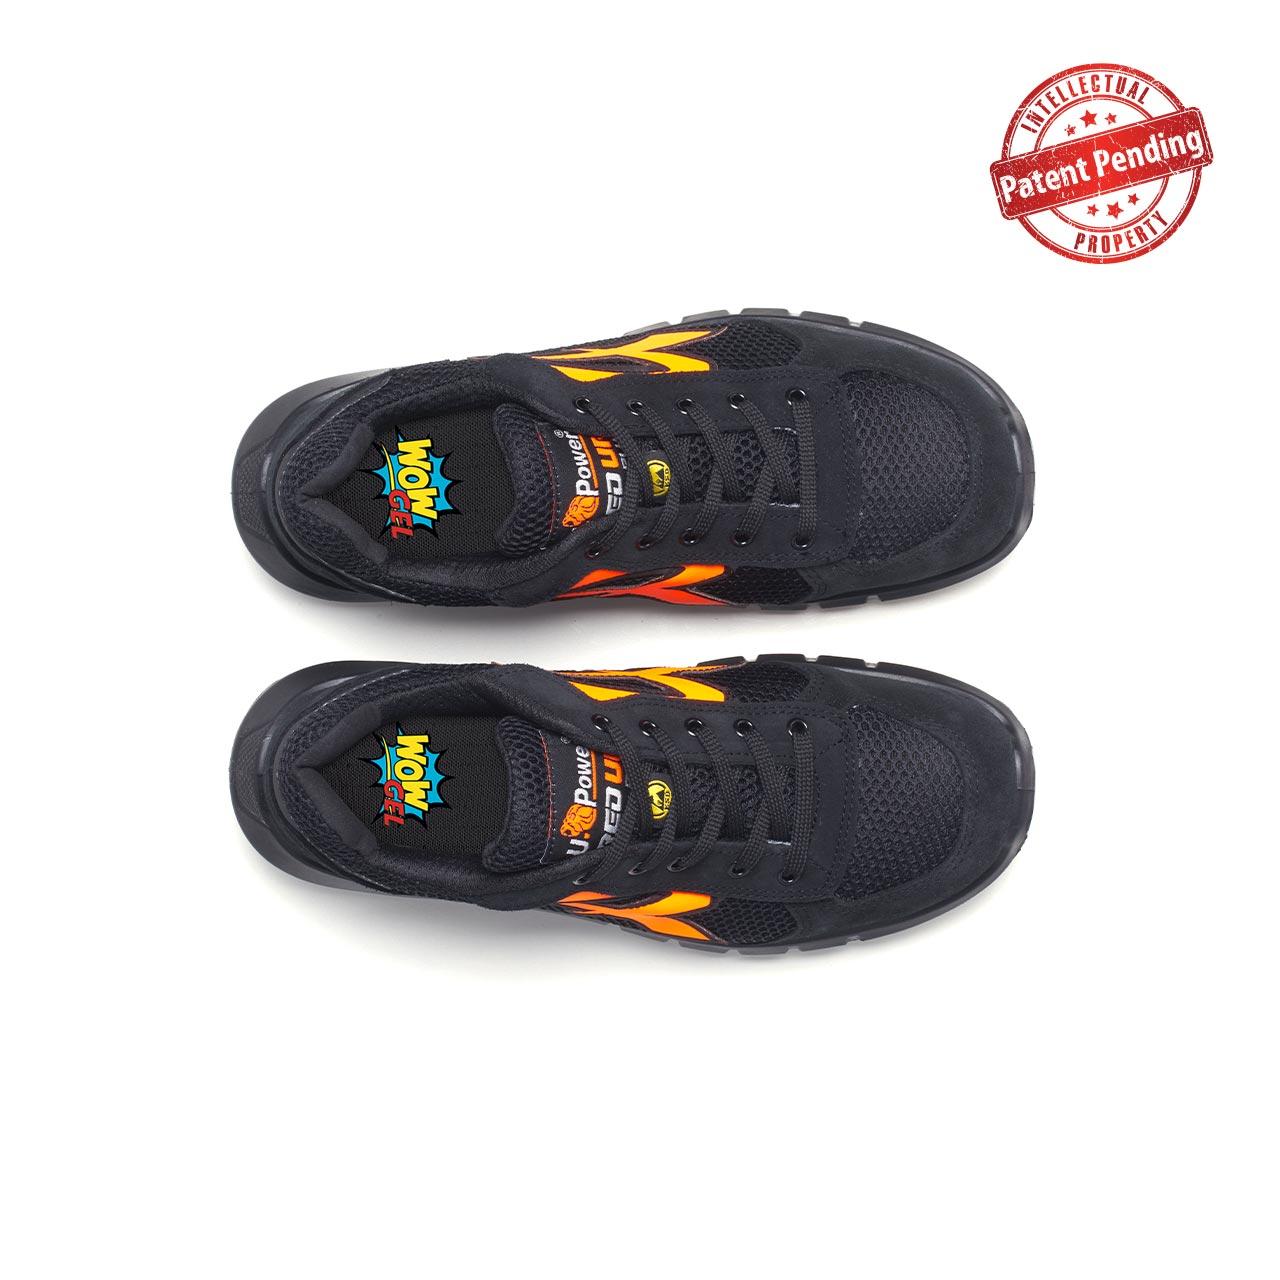 paio di scarpe antinfortunistiche upower modello atos plus linea redup plus vista top